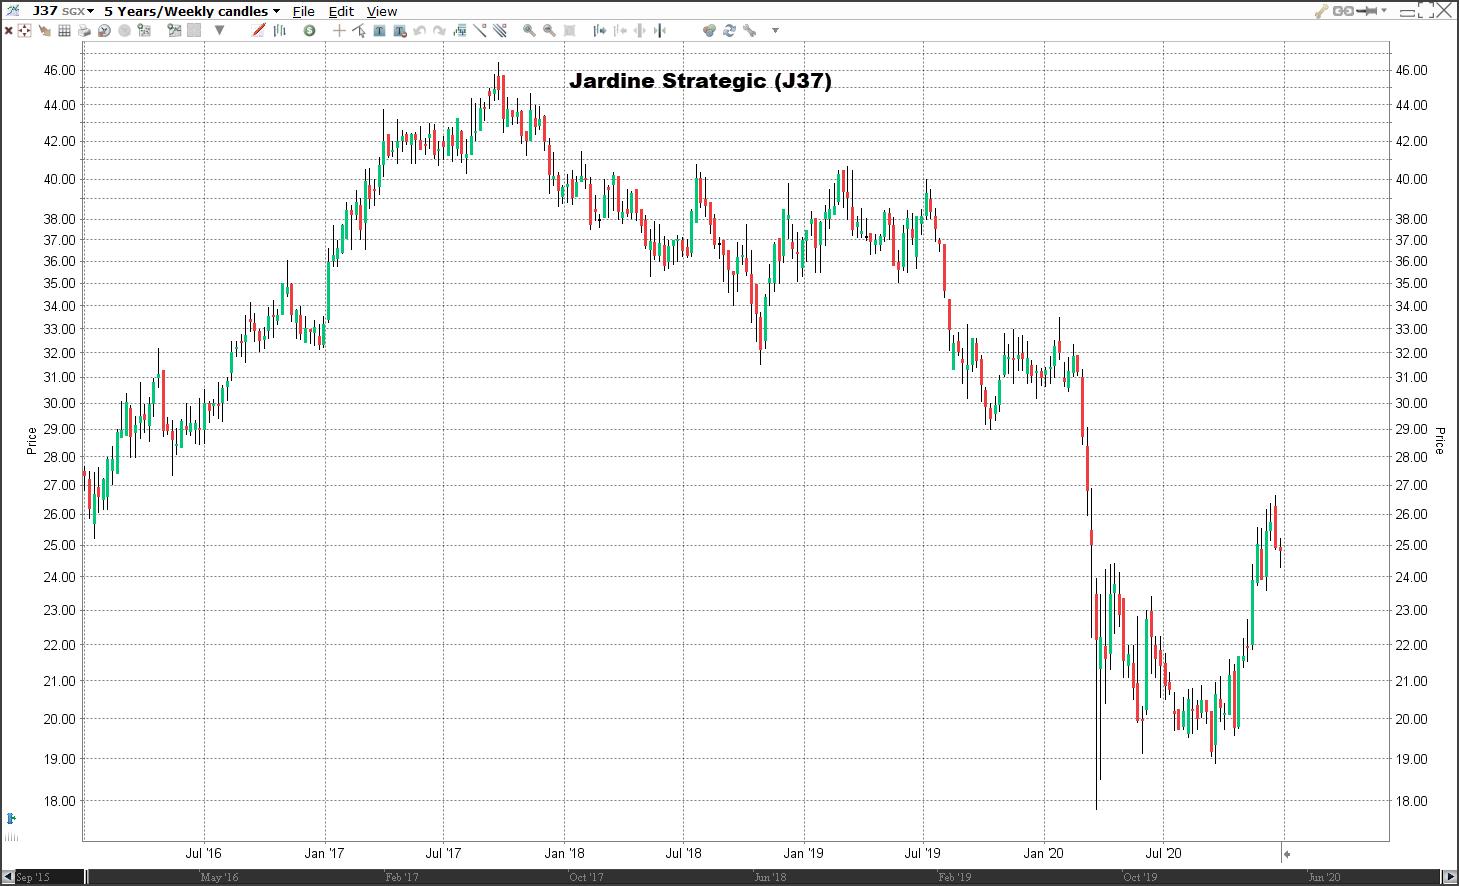 Aandeel Jardine Strategic | Welke aandelen kopen 2021?